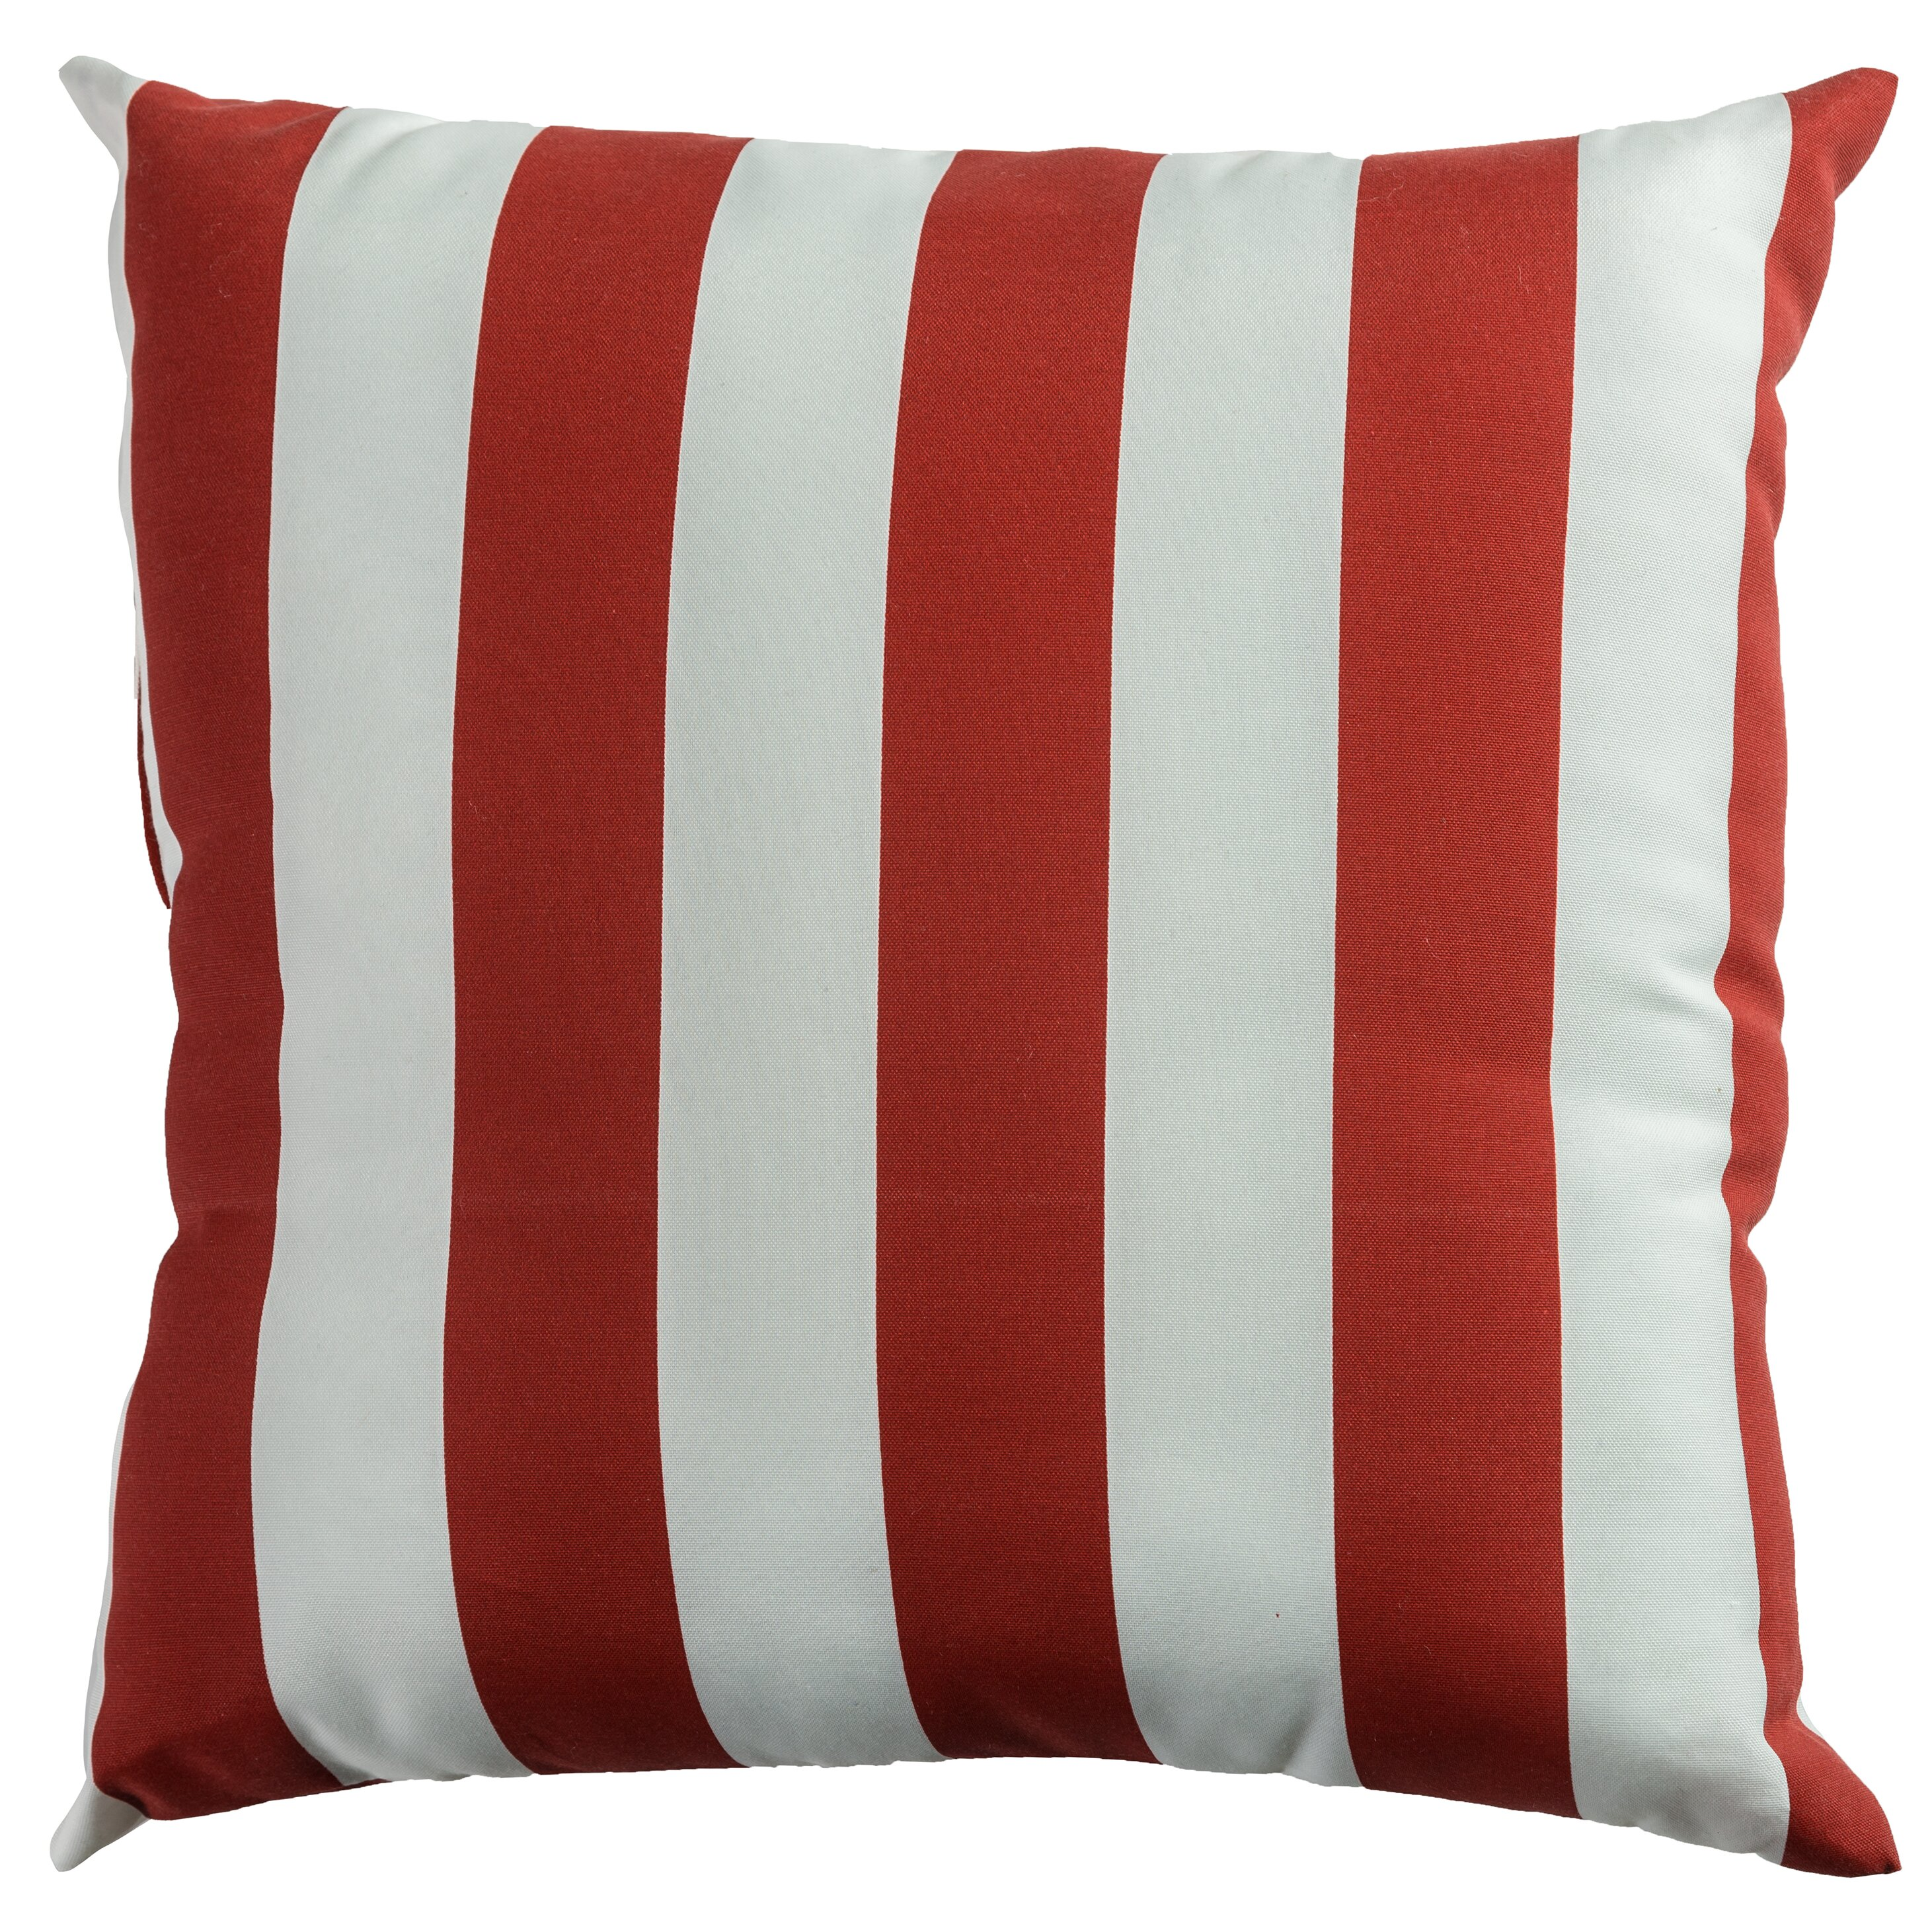 Outdoor Beach Throw Pillows : Beachcrest Home Striped Outdoor Throw Pillow & Reviews Wayfair